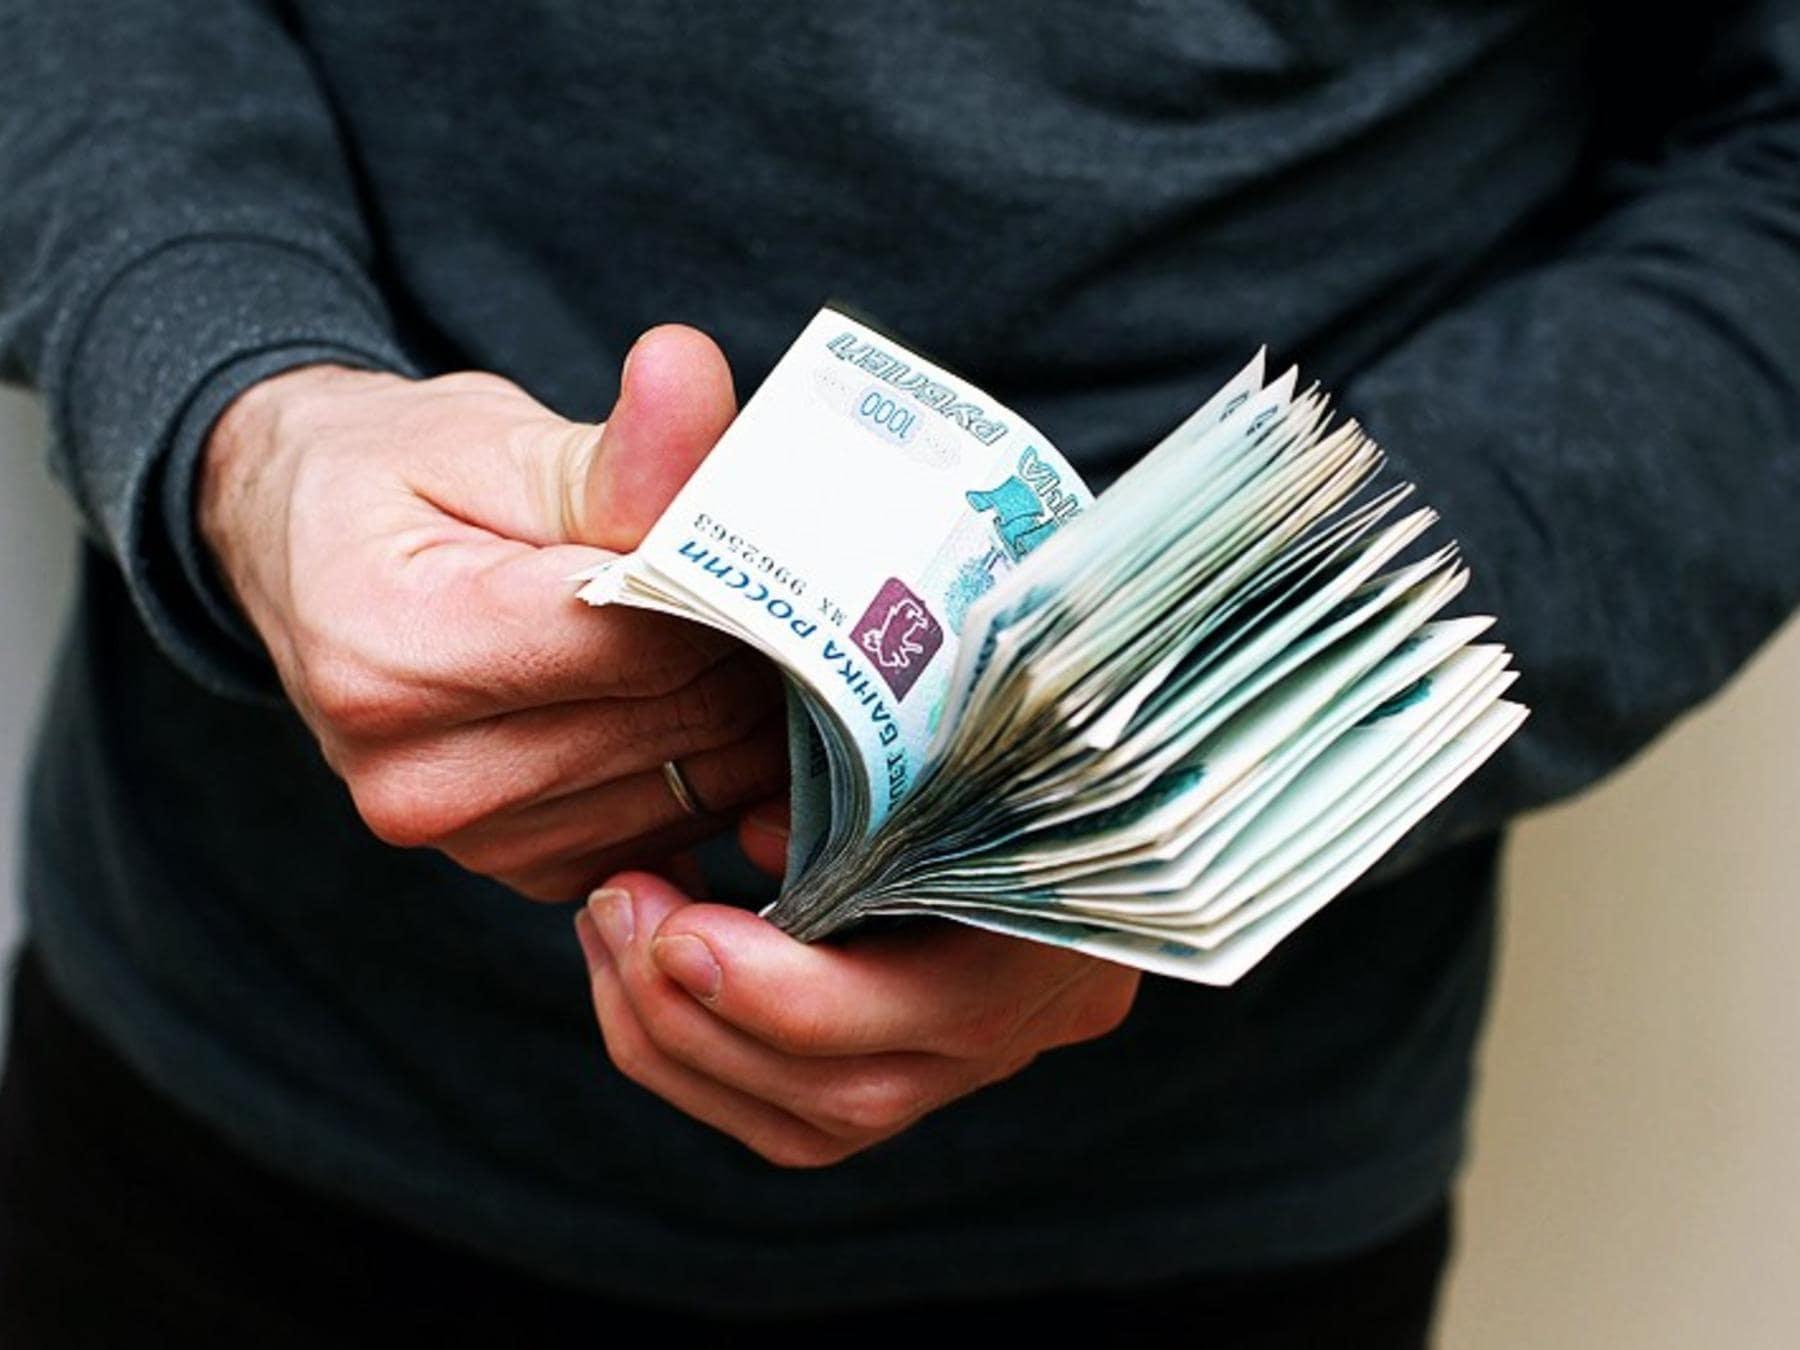 В Тверской области вымогатель требовал с мужчины 10 миллионов рублей